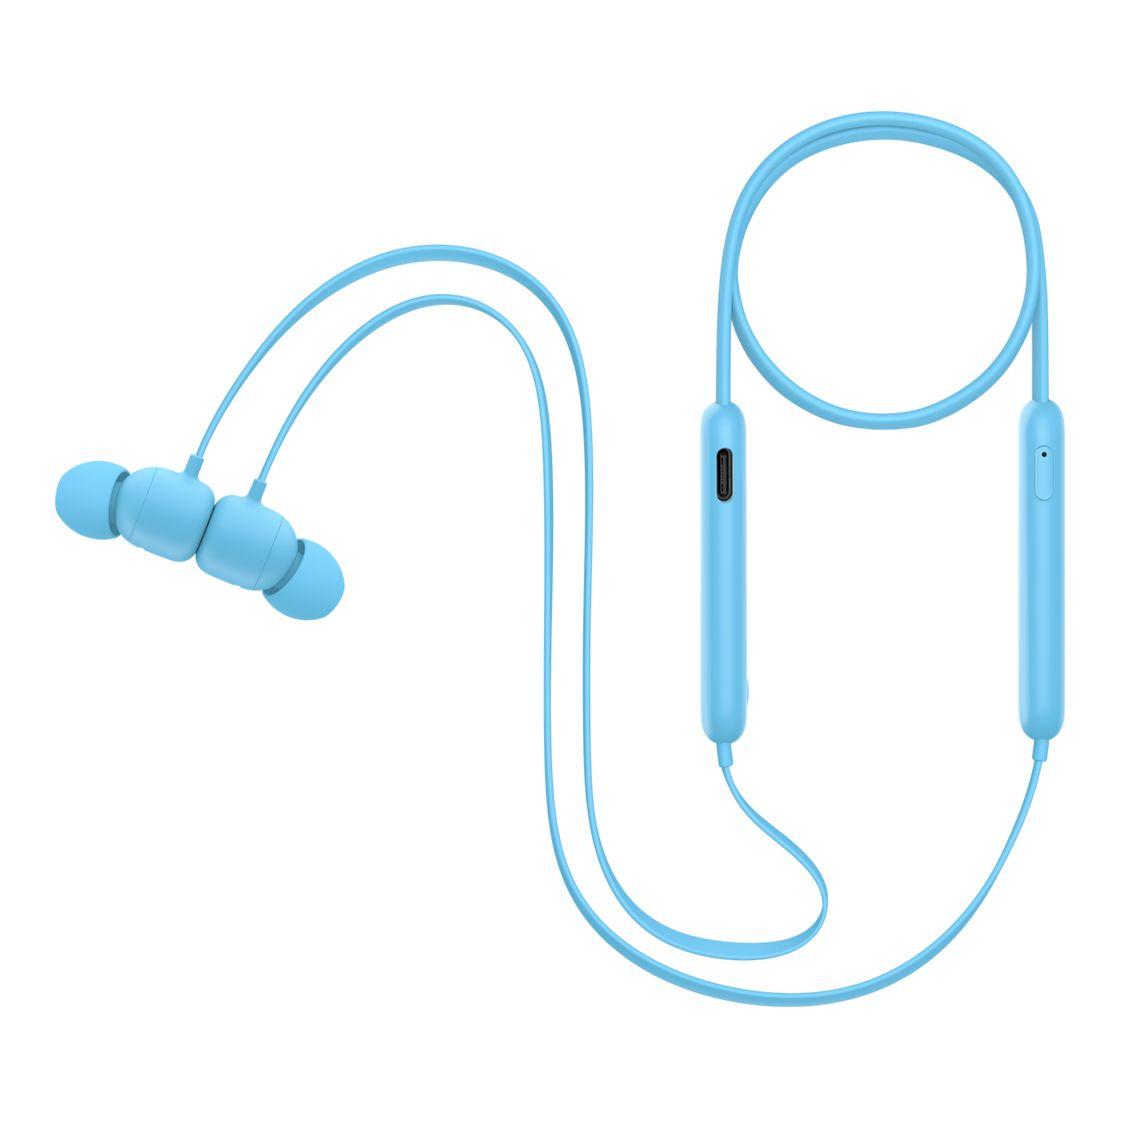 - Audifono In Ear Wireless Flex Beats / Azul 3